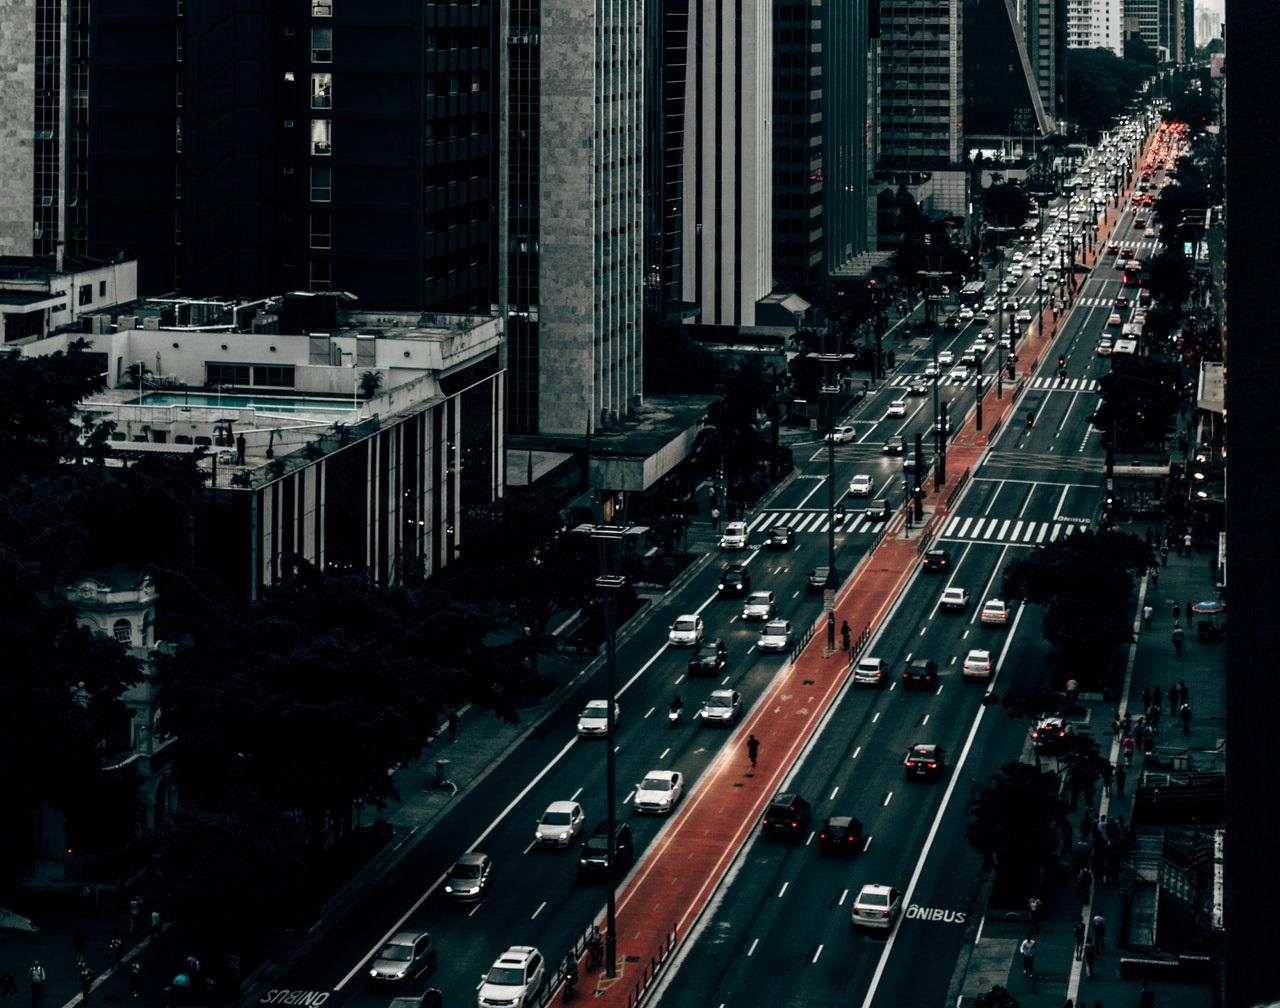 Na capital, queda de homicídios foi de 52 para 6,1 por 100 000 habitantes. Foto: Ian Porce/Pexels